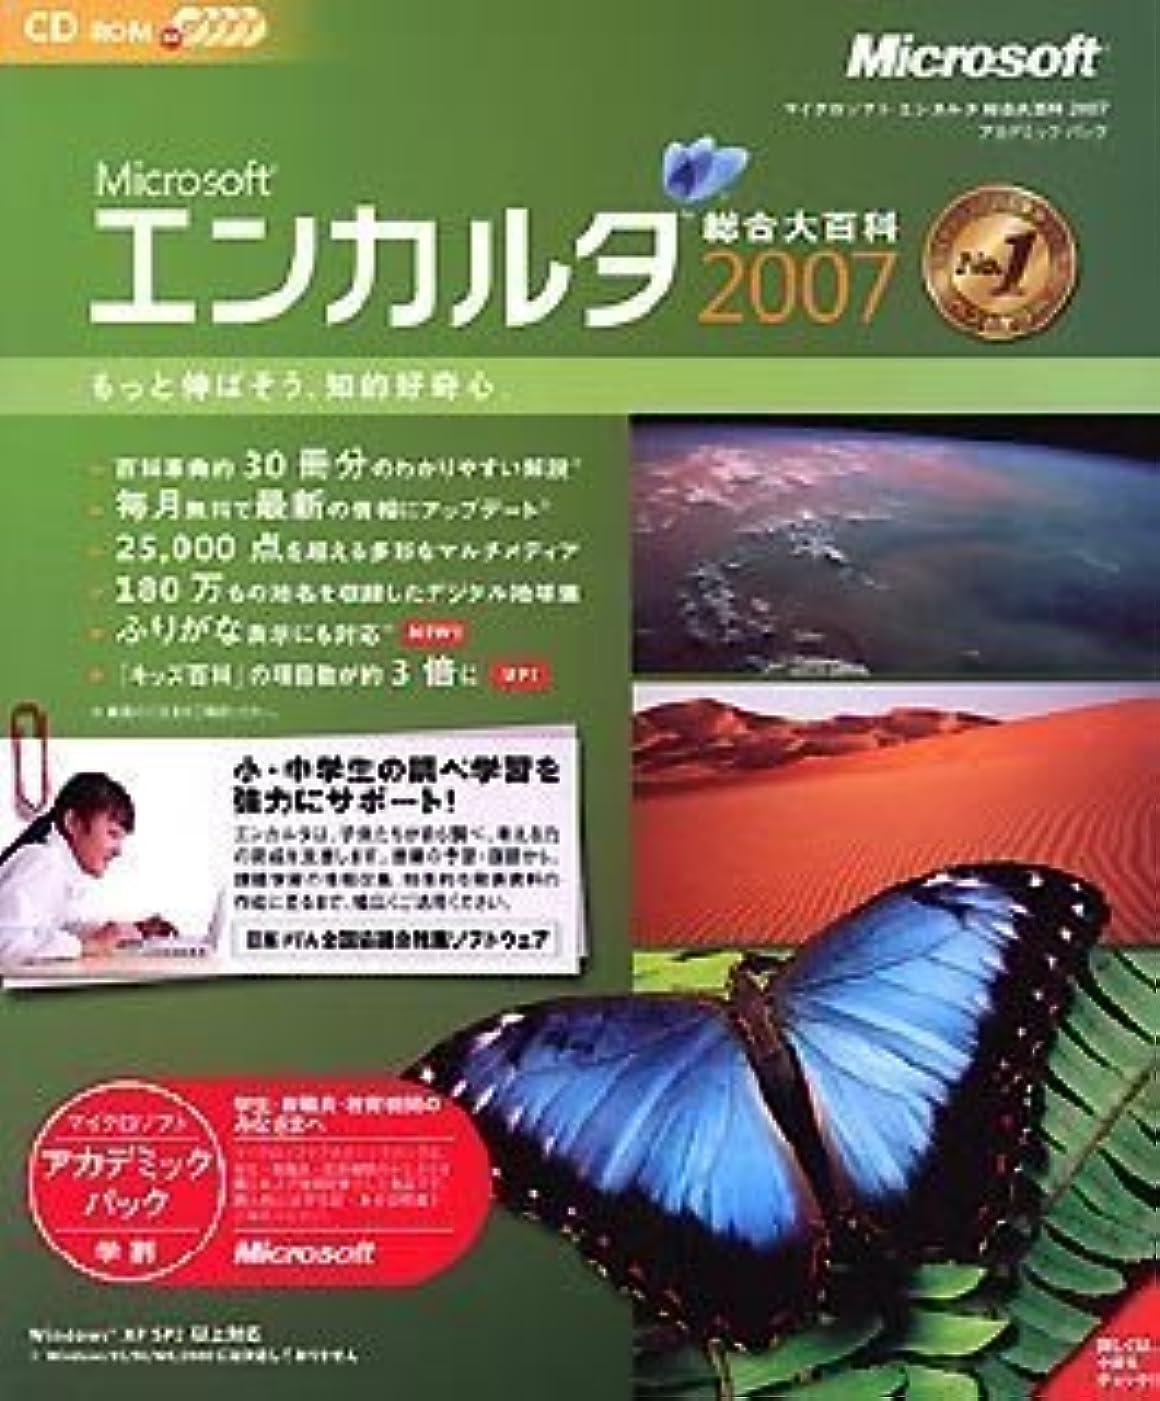 めまい偶然のアーカイブEncarta 総合大百科 2007 CD-ROM アカデミックパック